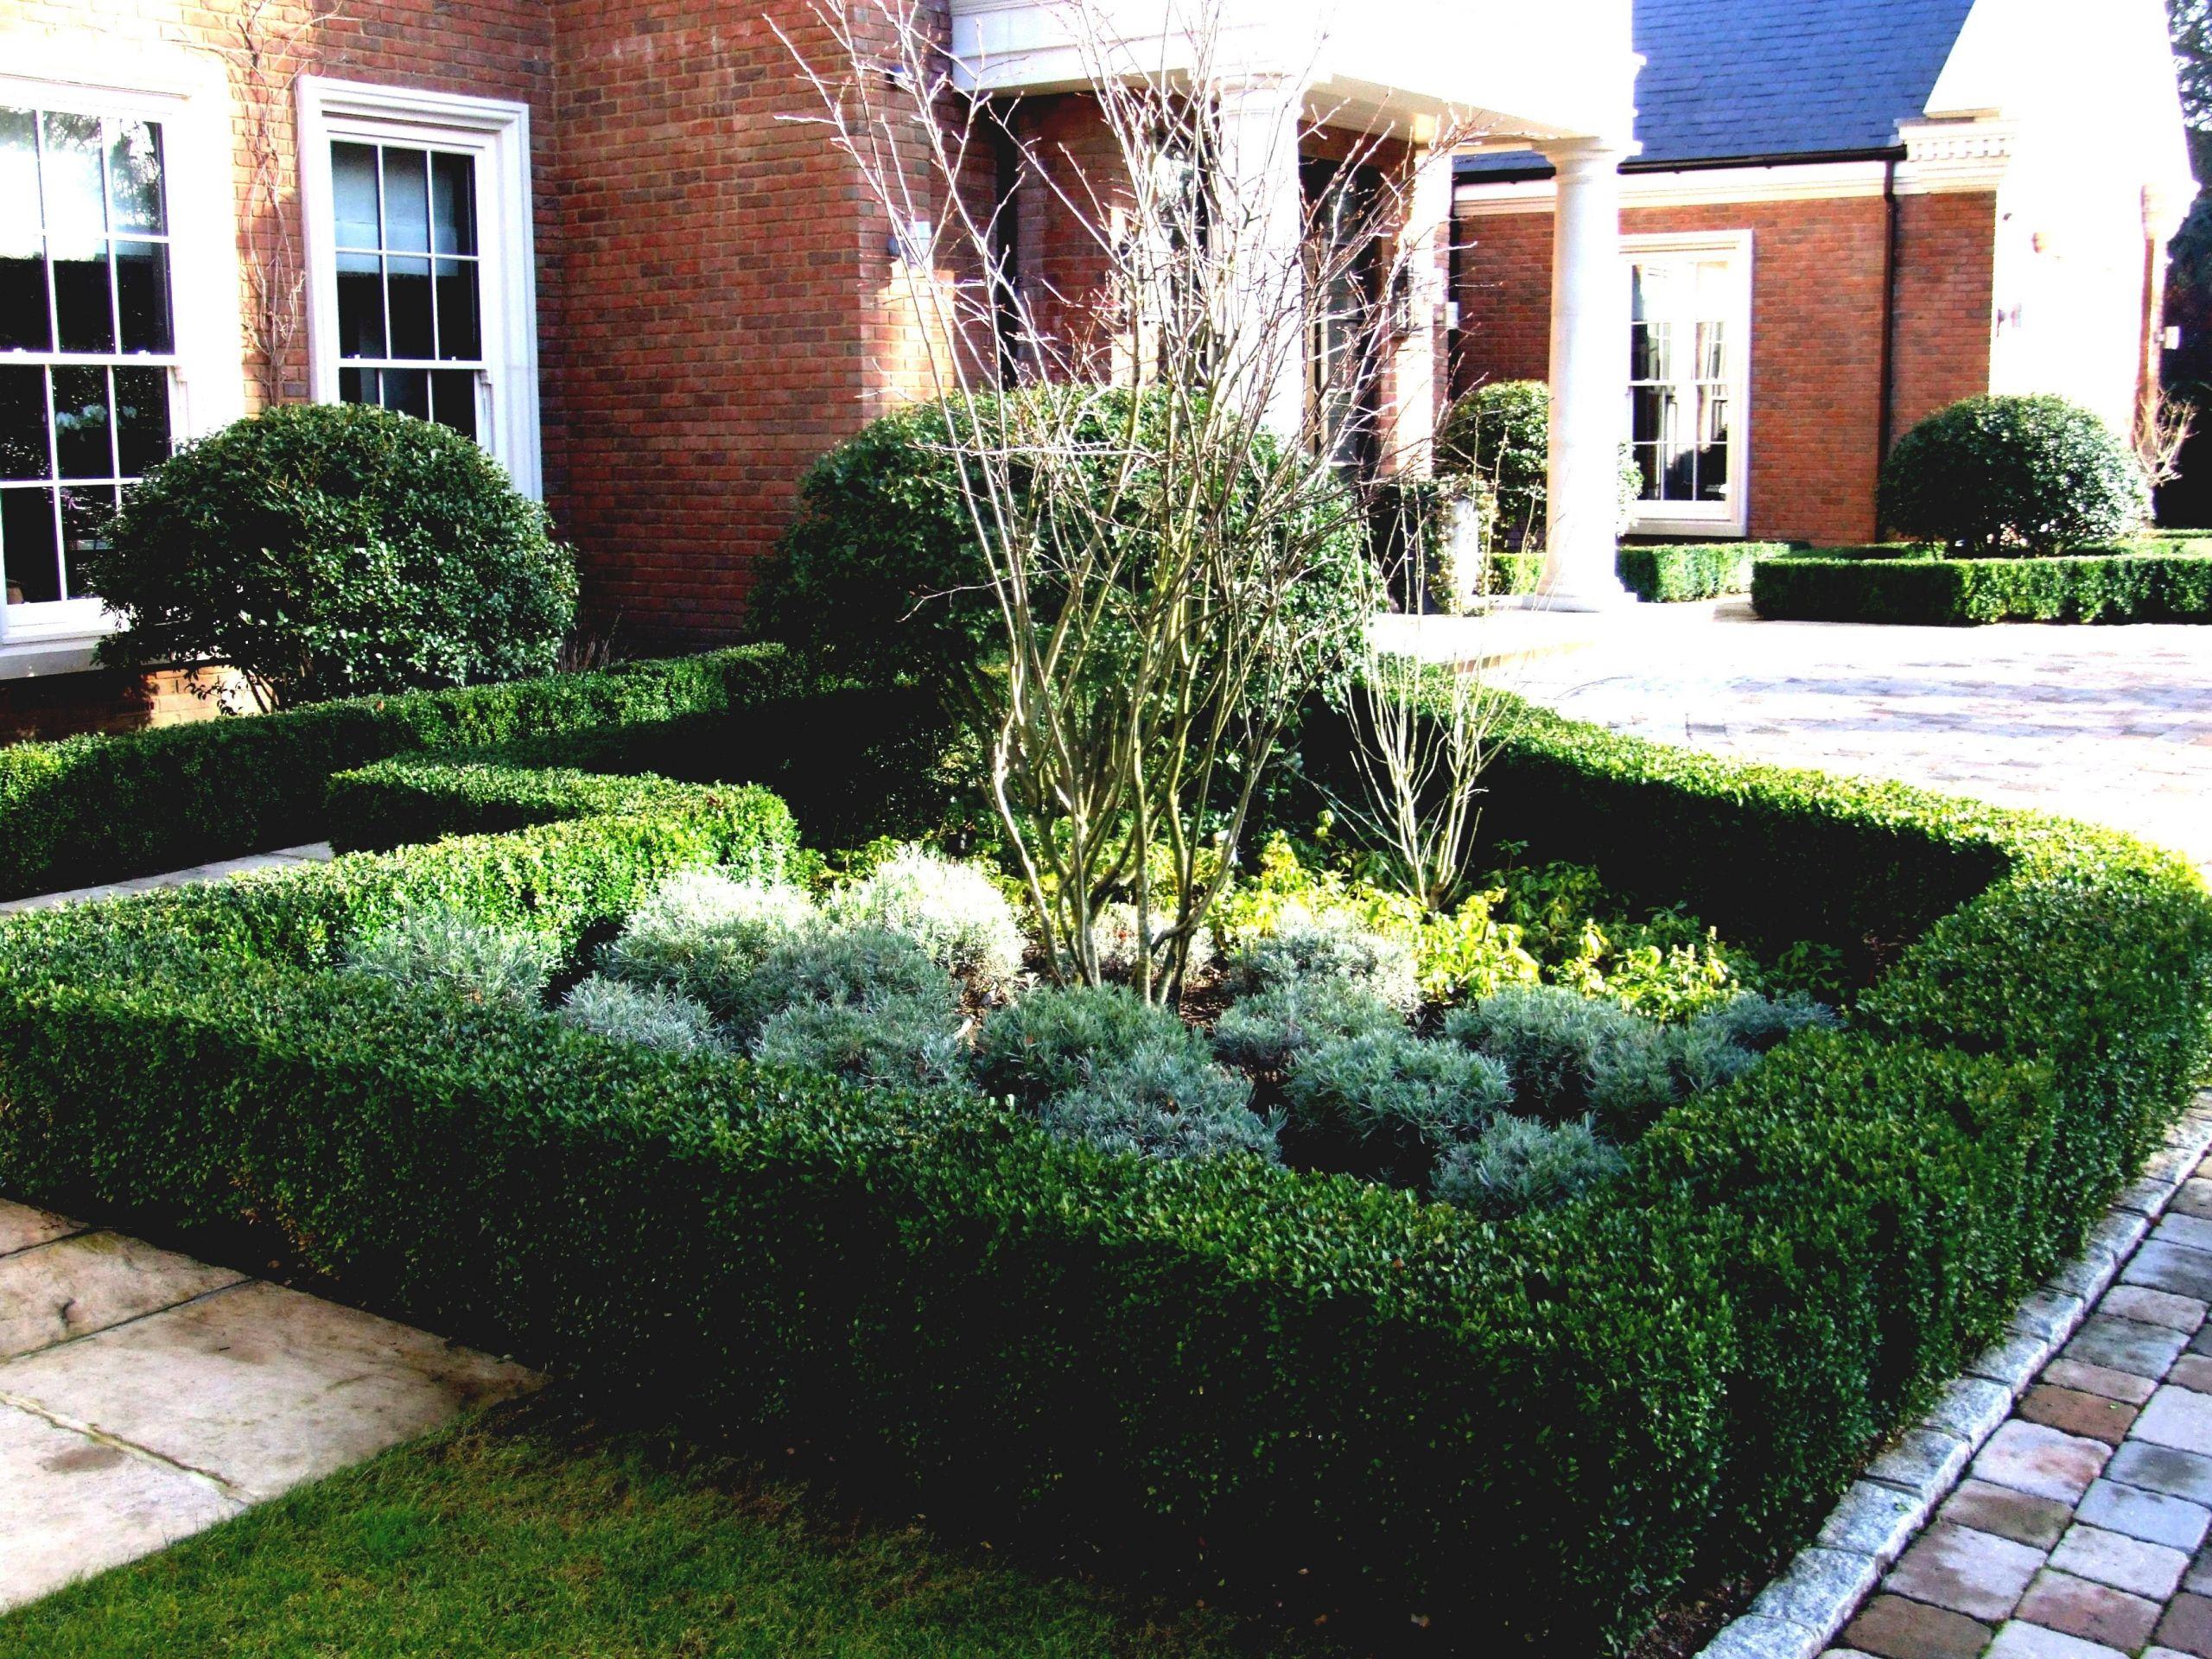 Gartendeko Ideen Best Of Ein Steingarten ist Gute Idee Für Die Steigung Wenn Das